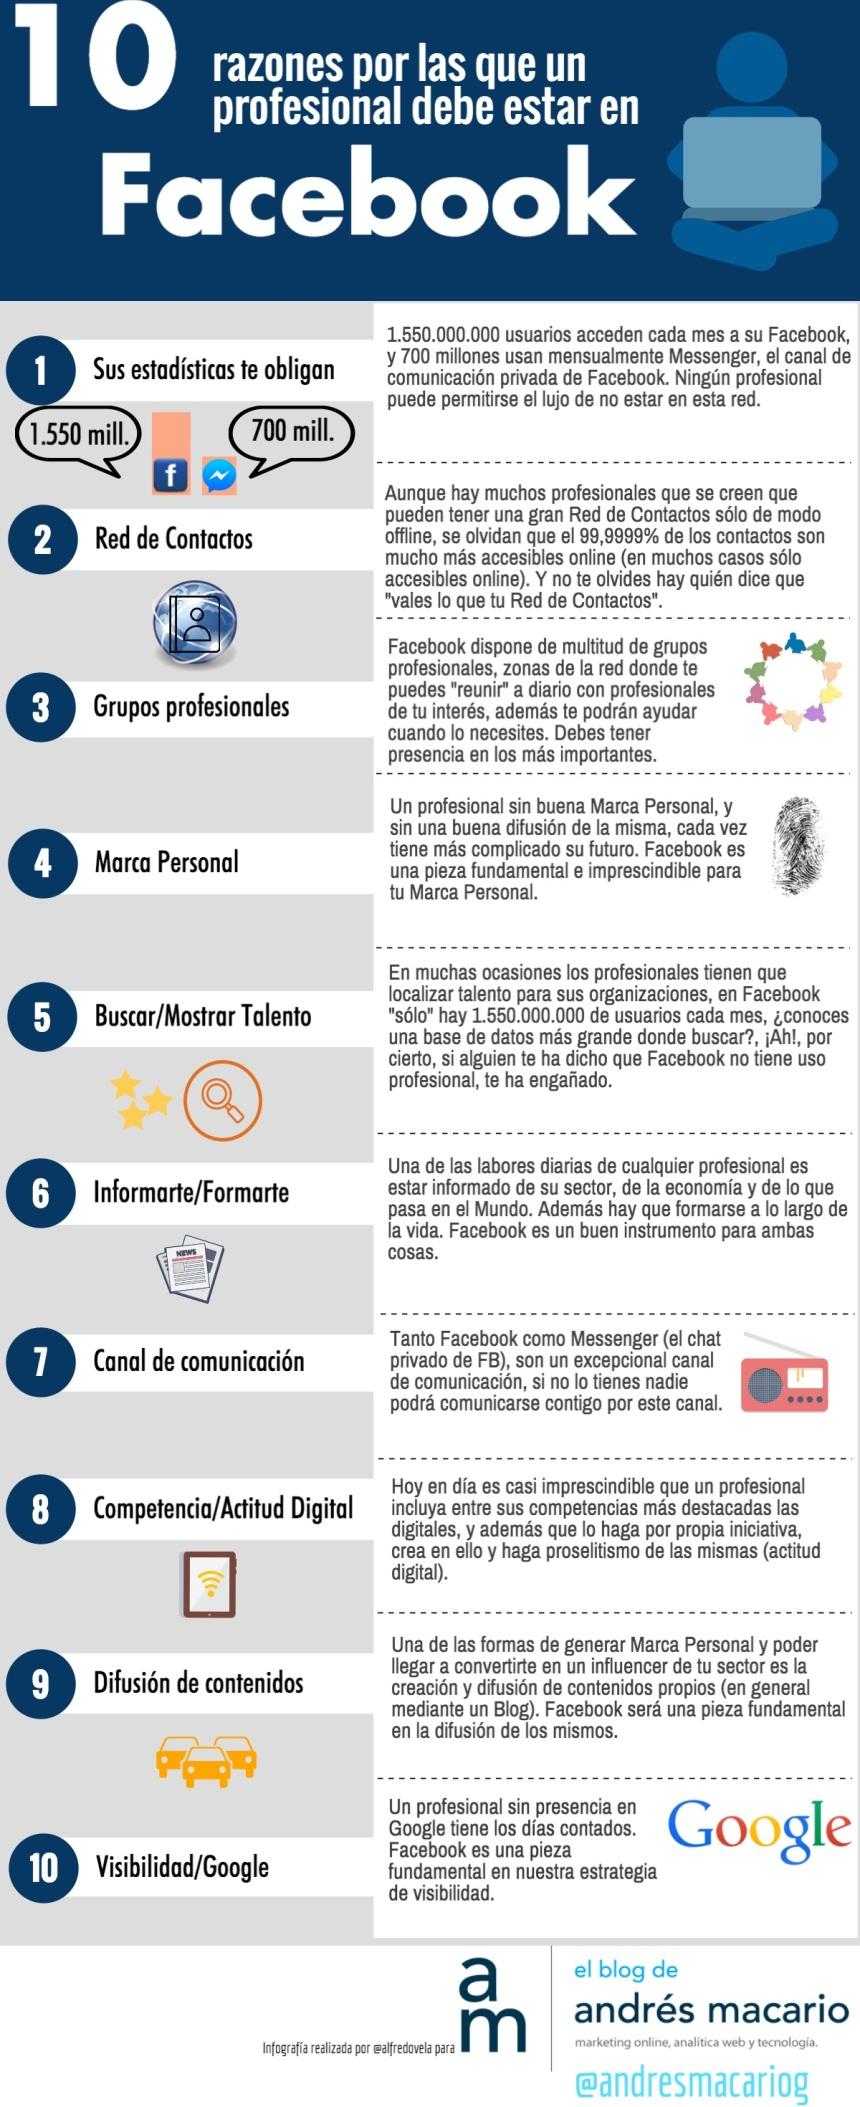 10 razones por las que un profesional debe estar en Facebook